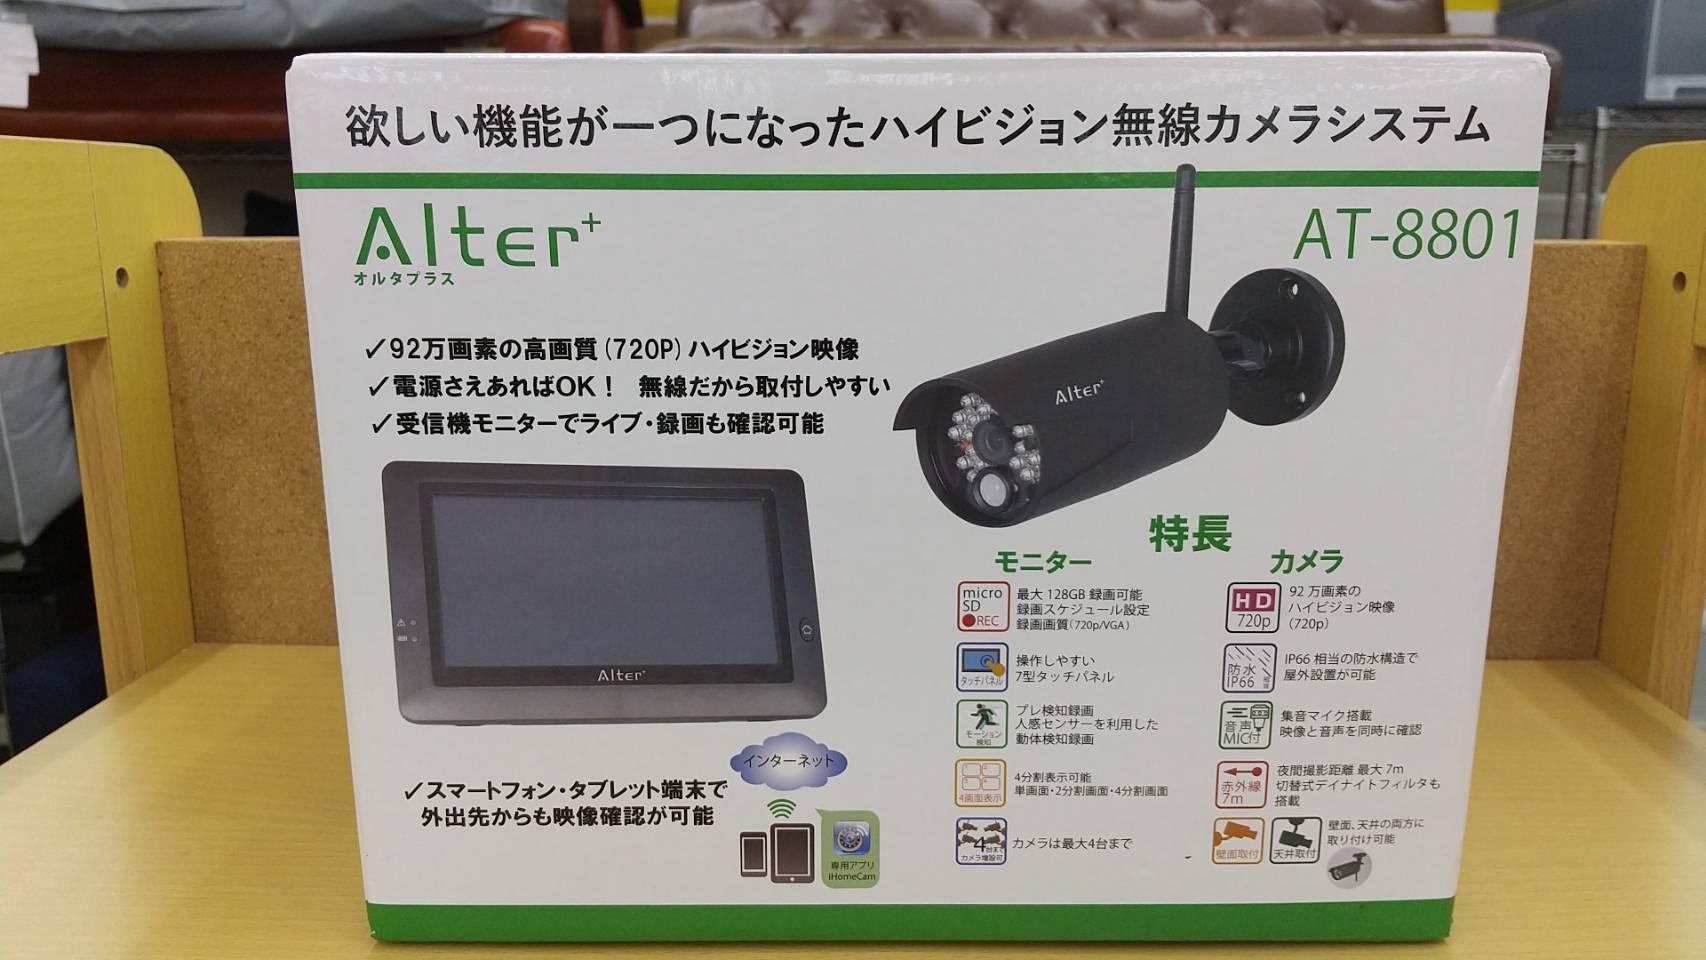 【ハイビジョン無線カメラ&モニターセット オルタプラス AT-8801】をお買い取りいたしました!の買取-